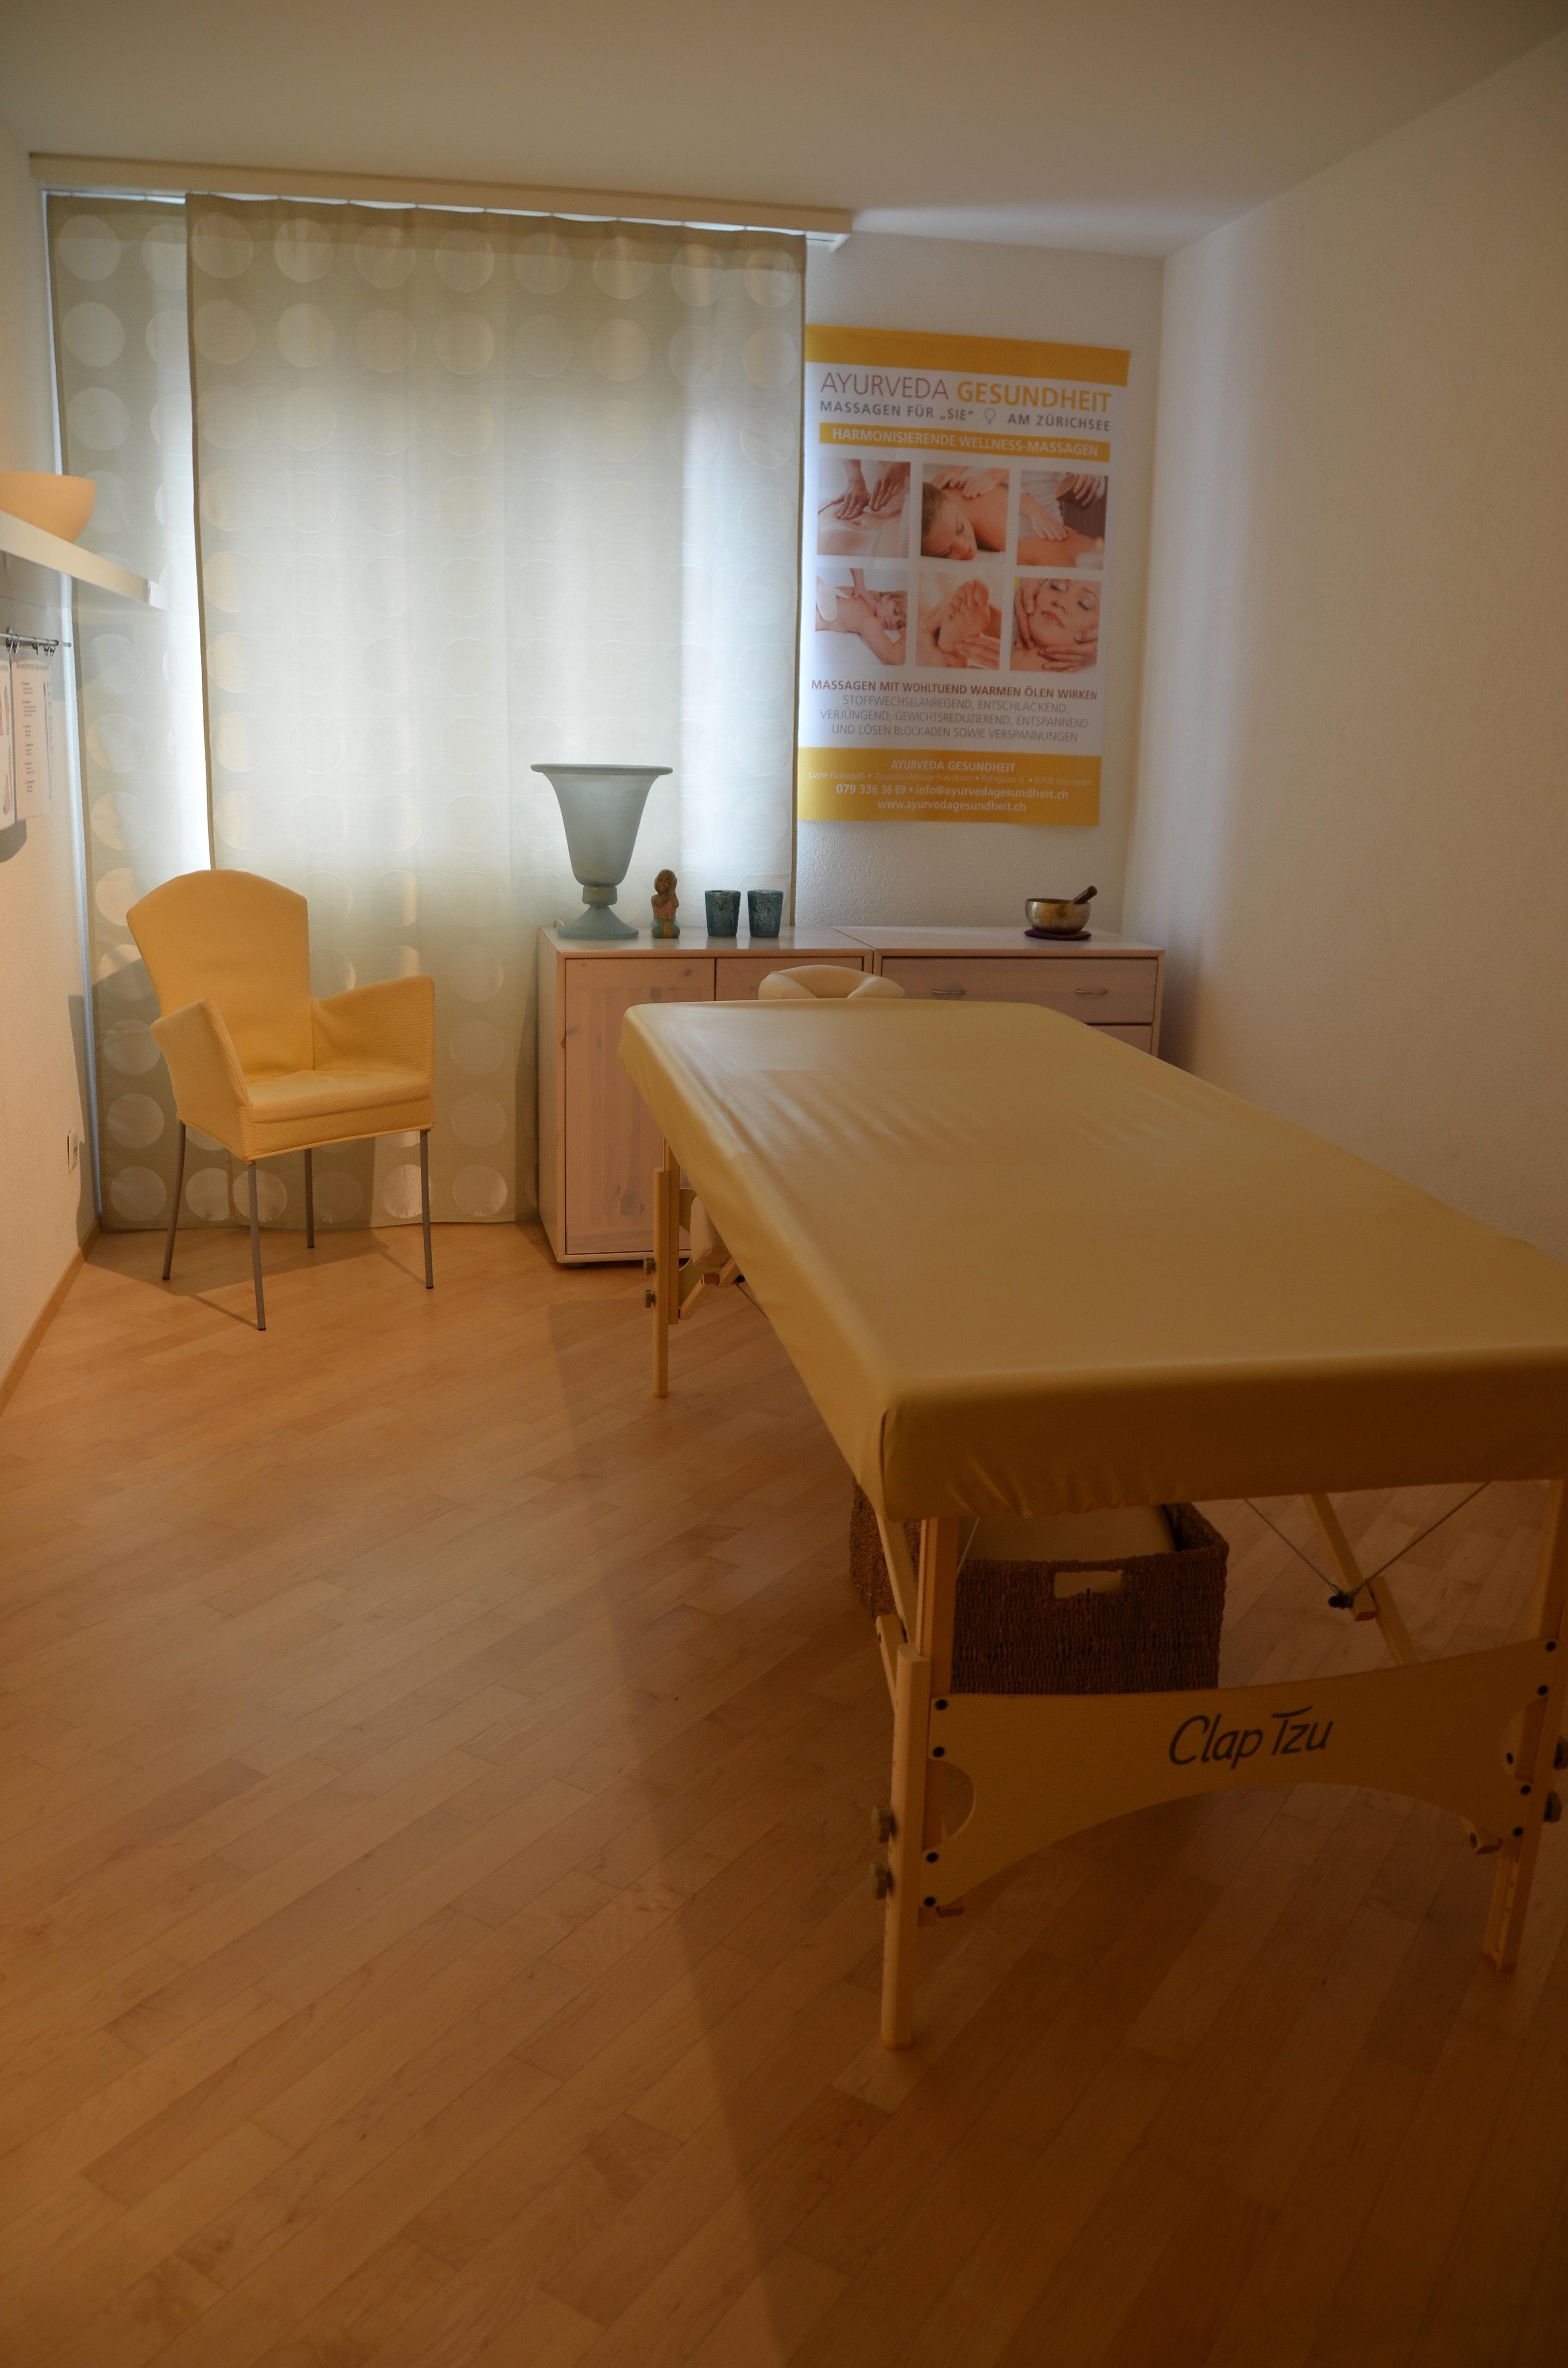 Raumeinrichtung  Ayurveda Gesundheit | Ayurveda Raum Einrichtung